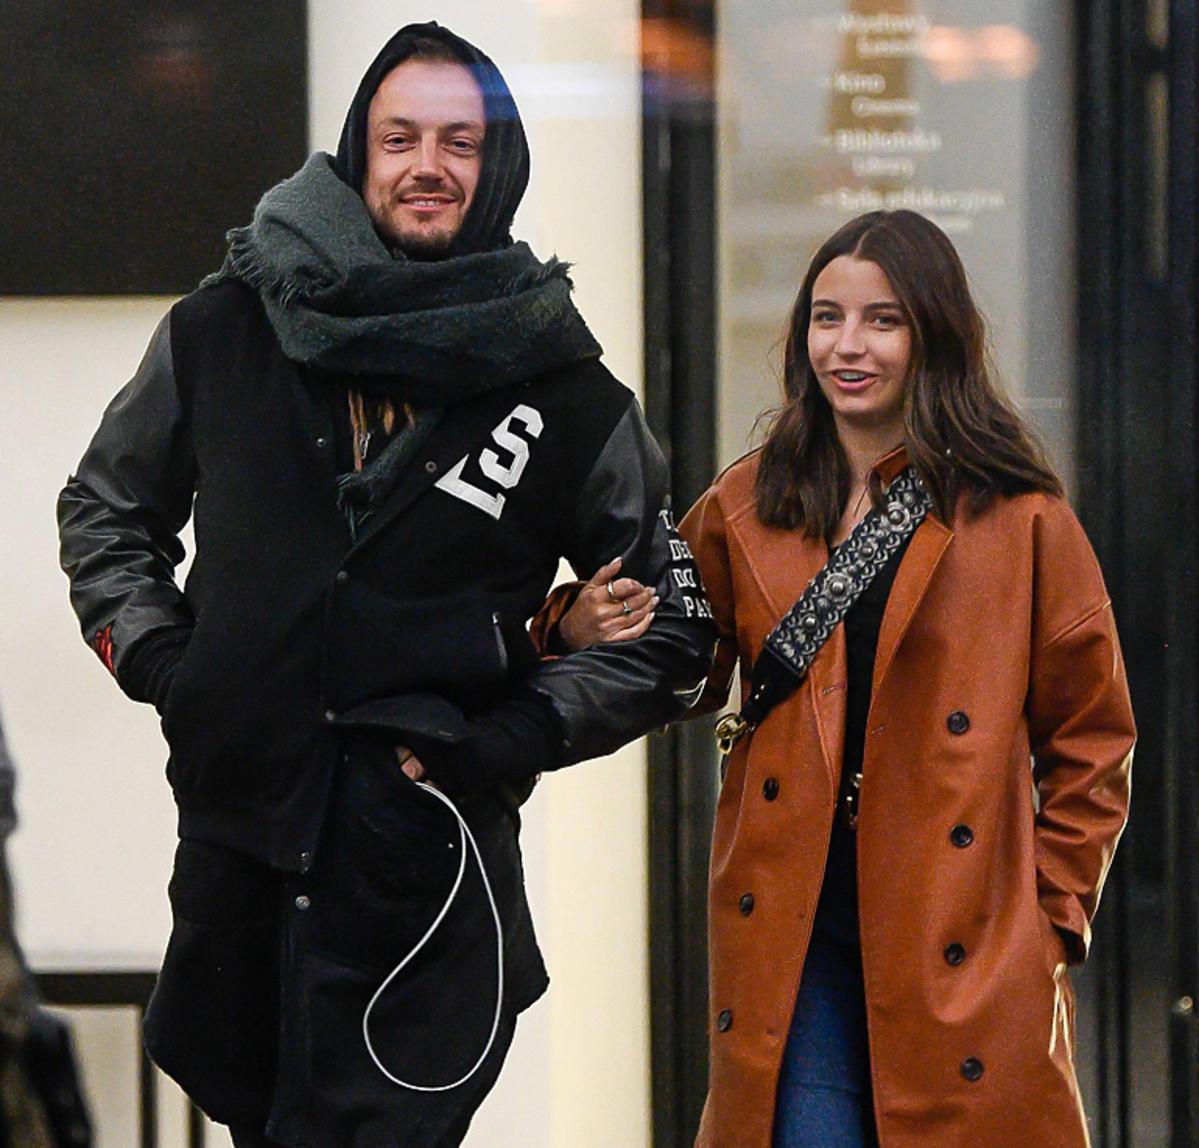 Zdjęcia z randki Barona i Julii Wieniawy